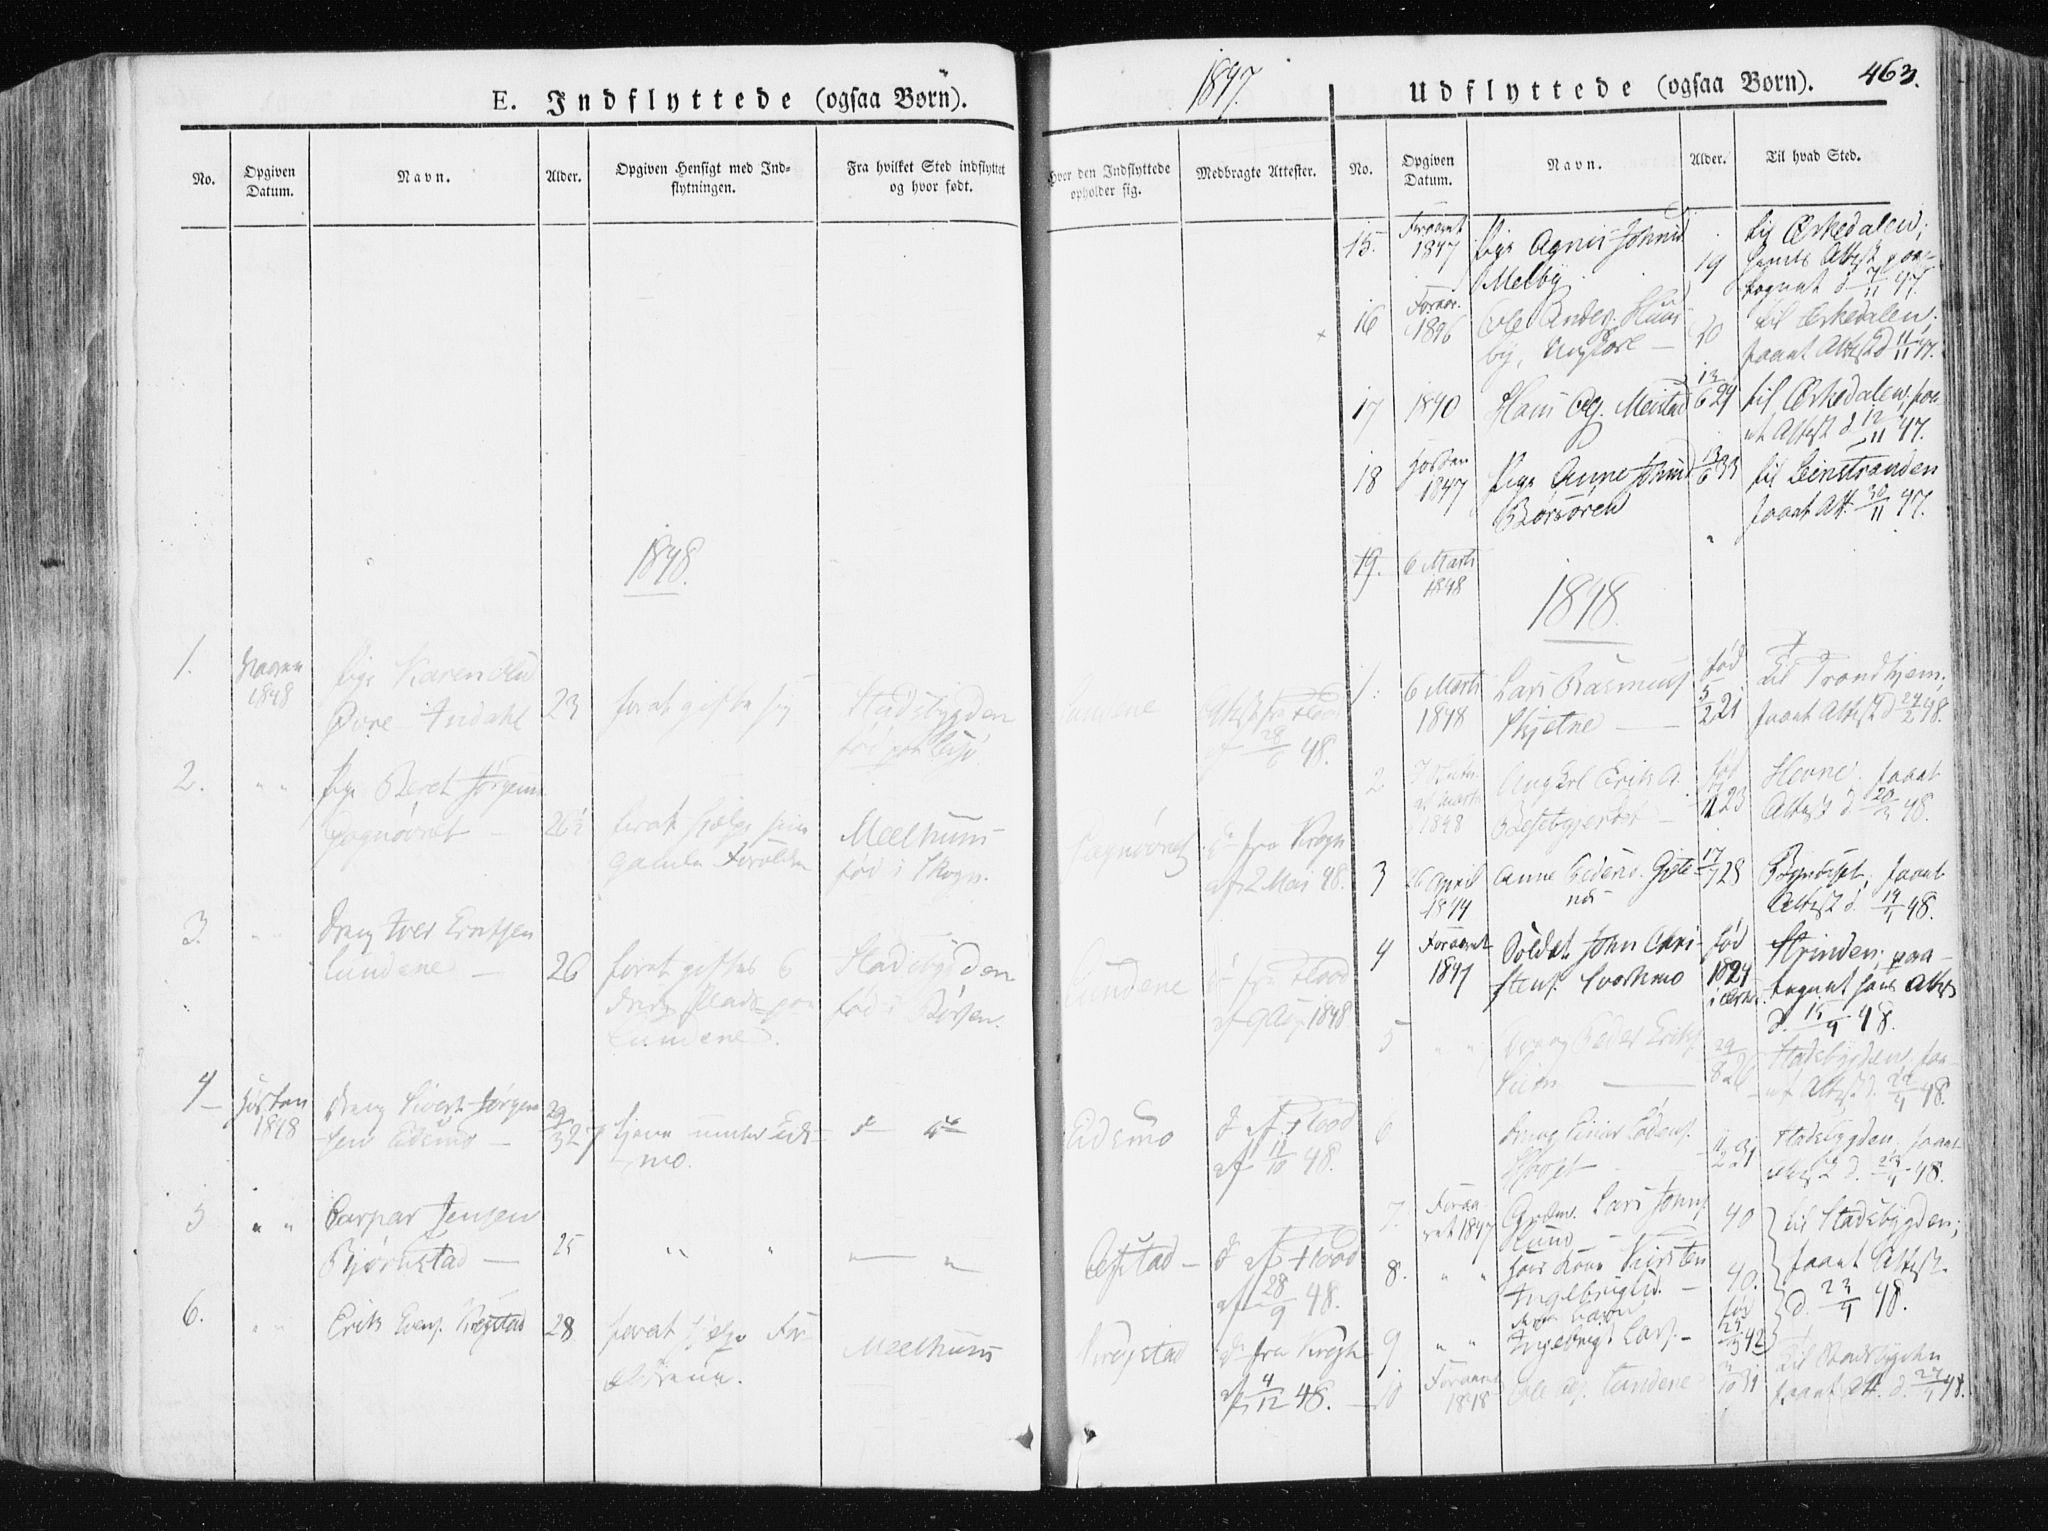 SAT, Ministerialprotokoller, klokkerbøker og fødselsregistre - Sør-Trøndelag, 665/L0771: Ministerialbok nr. 665A06, 1830-1856, s. 463